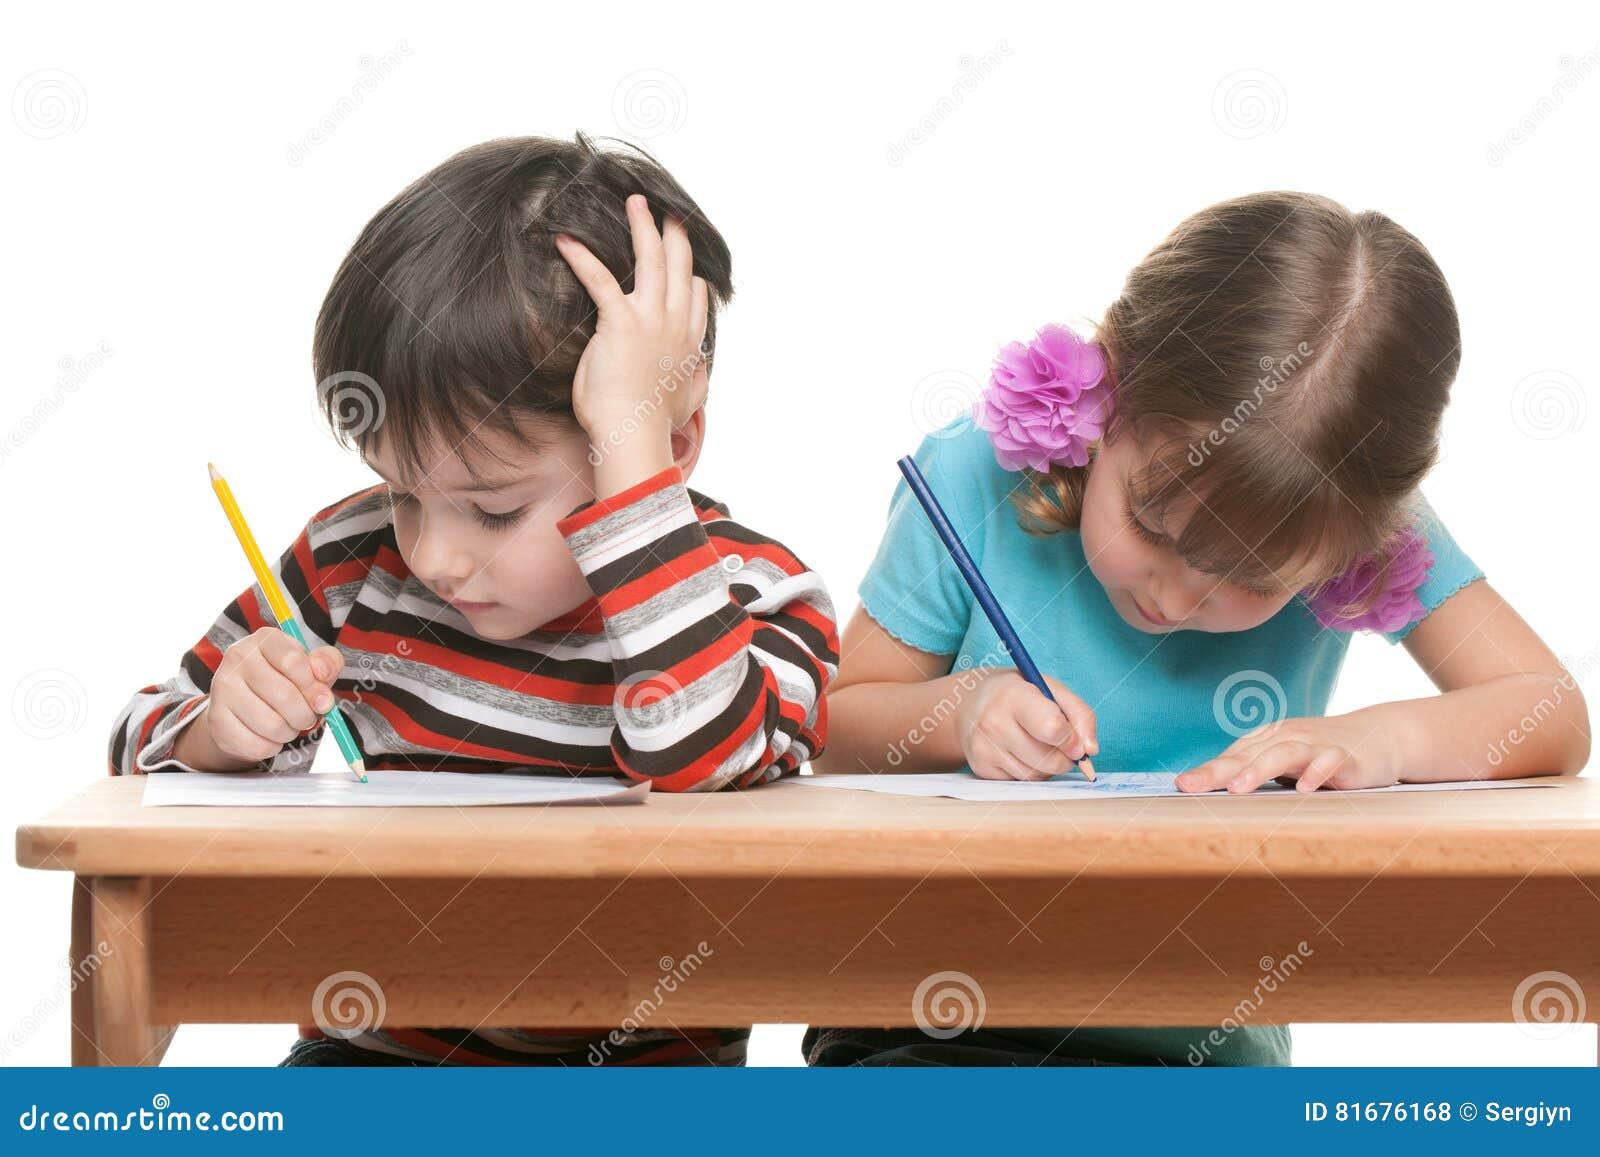 Schreibtisch fur zwei kinder for Schreibtisch fur kinder